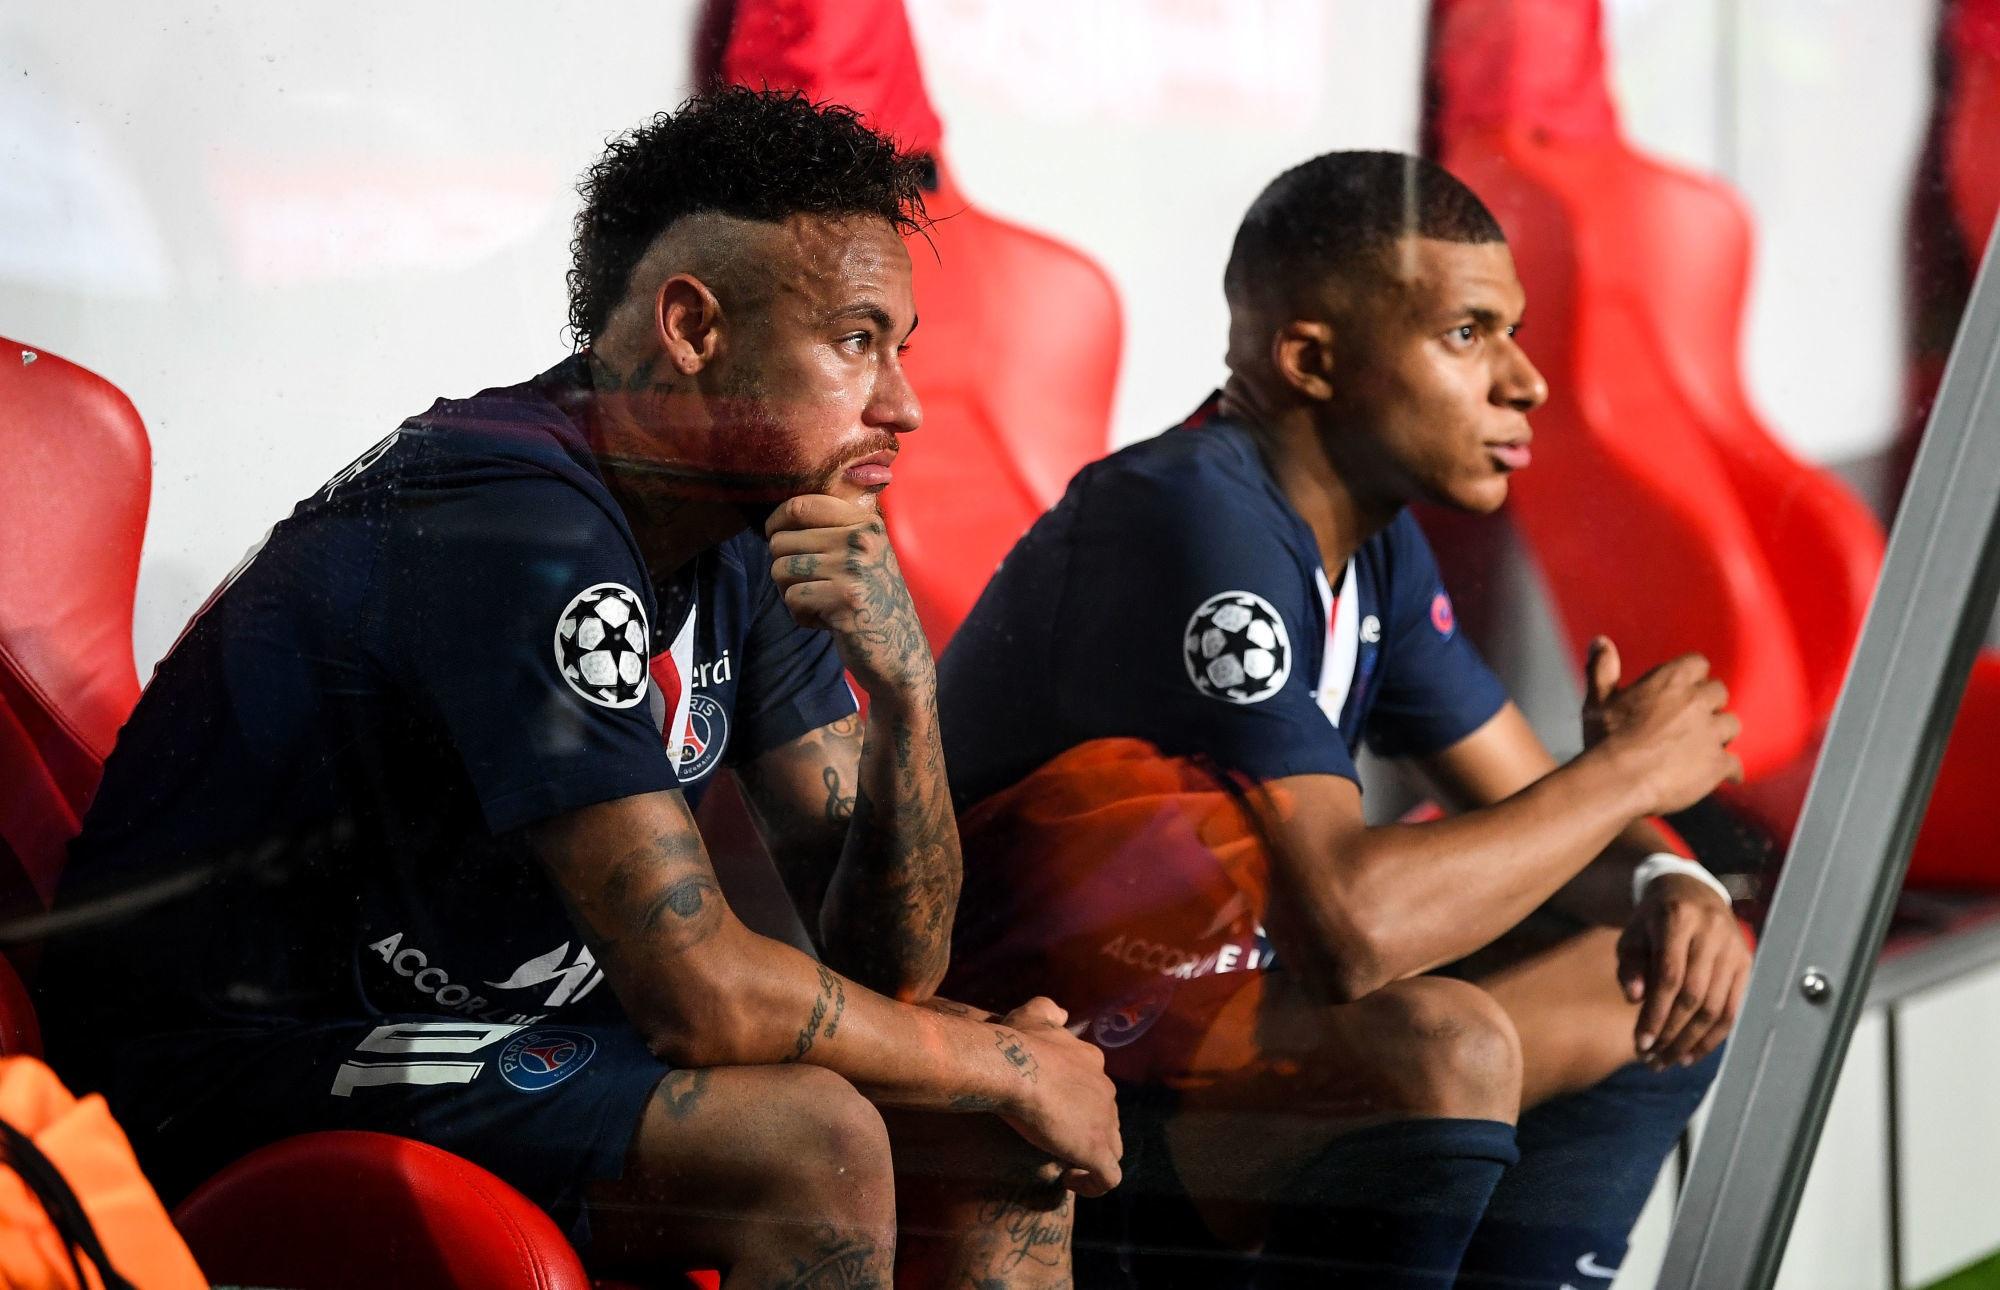 PSG/Bayern - Les notes des Parisiens dans la presse : Neymar en dessous des autres